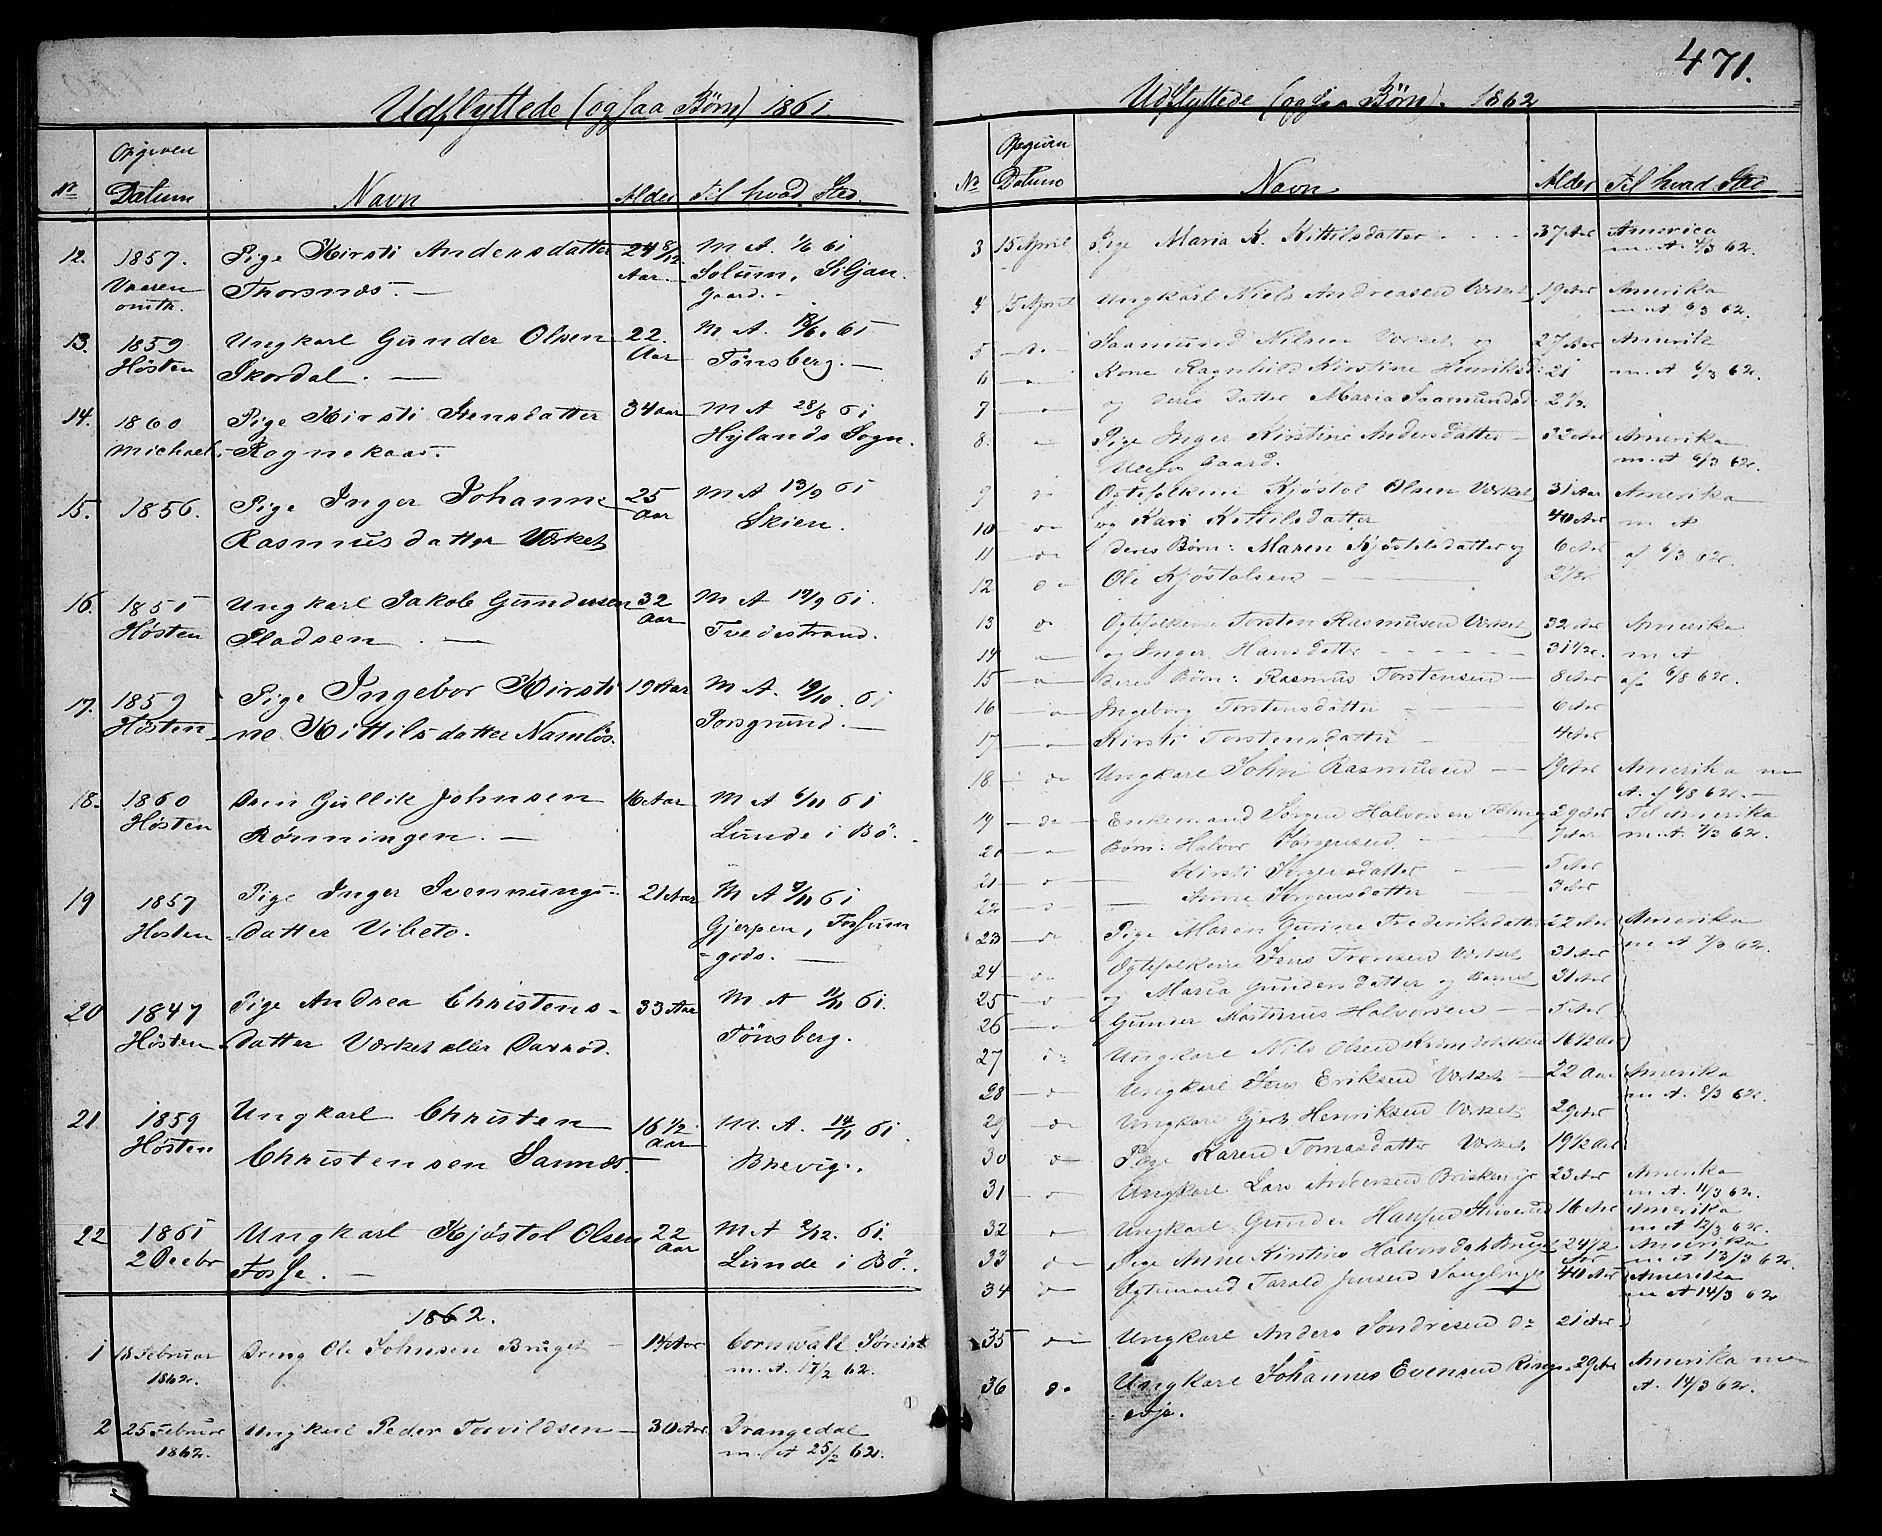 SAKO, Holla kirkebøker, G/Ga/L0003: Klokkerbok nr. I 3, 1849-1866, s. 471